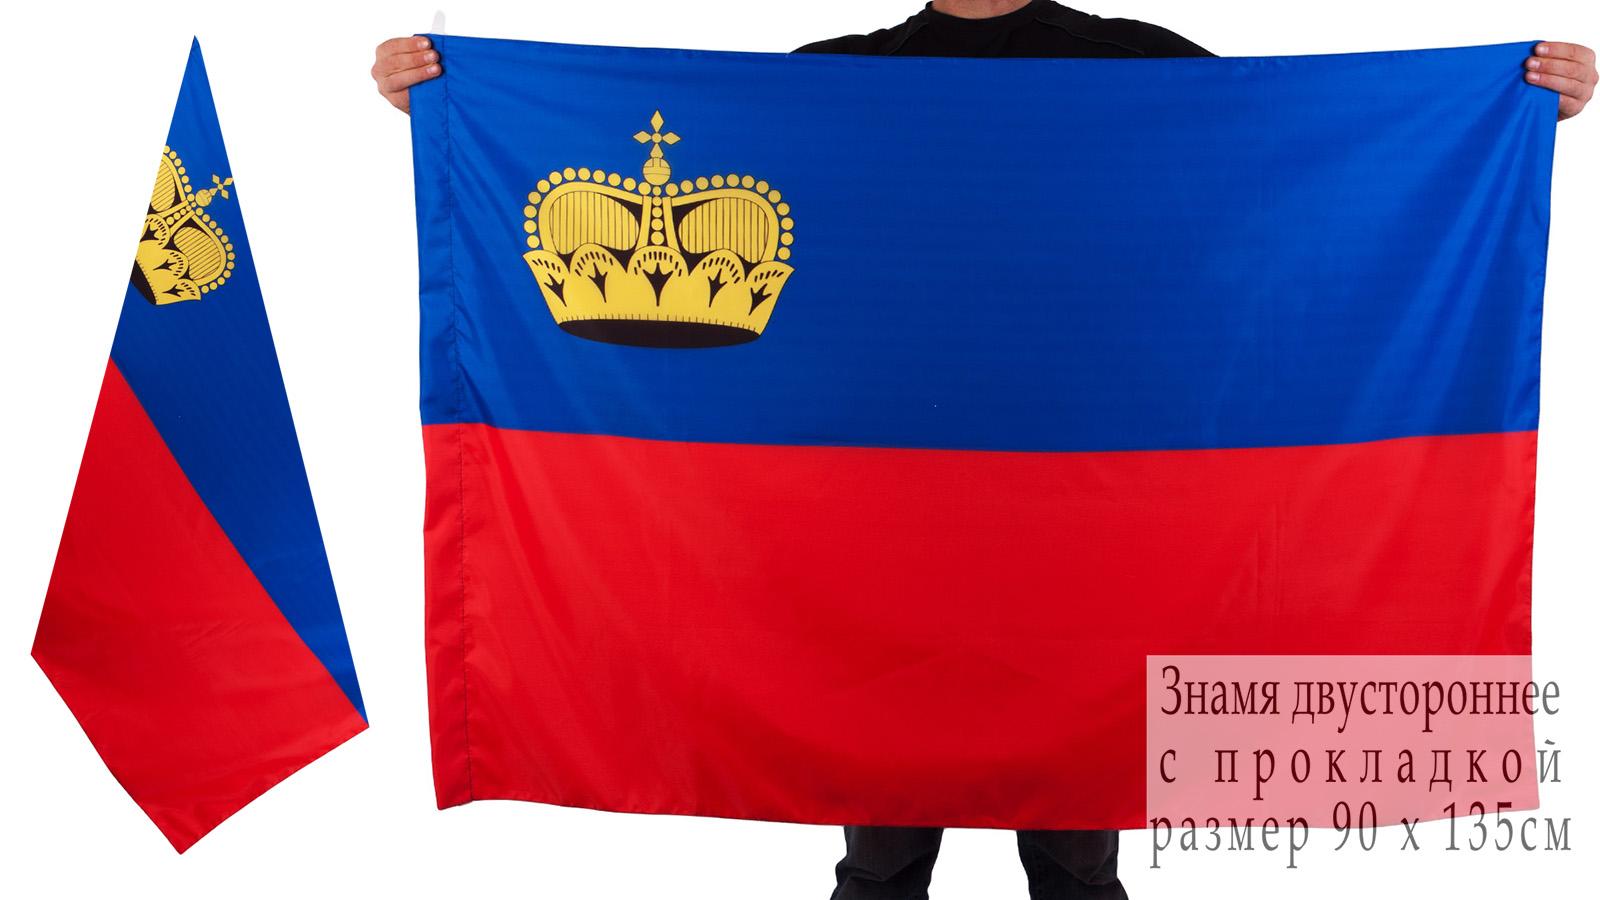 Государственный флаг Лихтенштейна